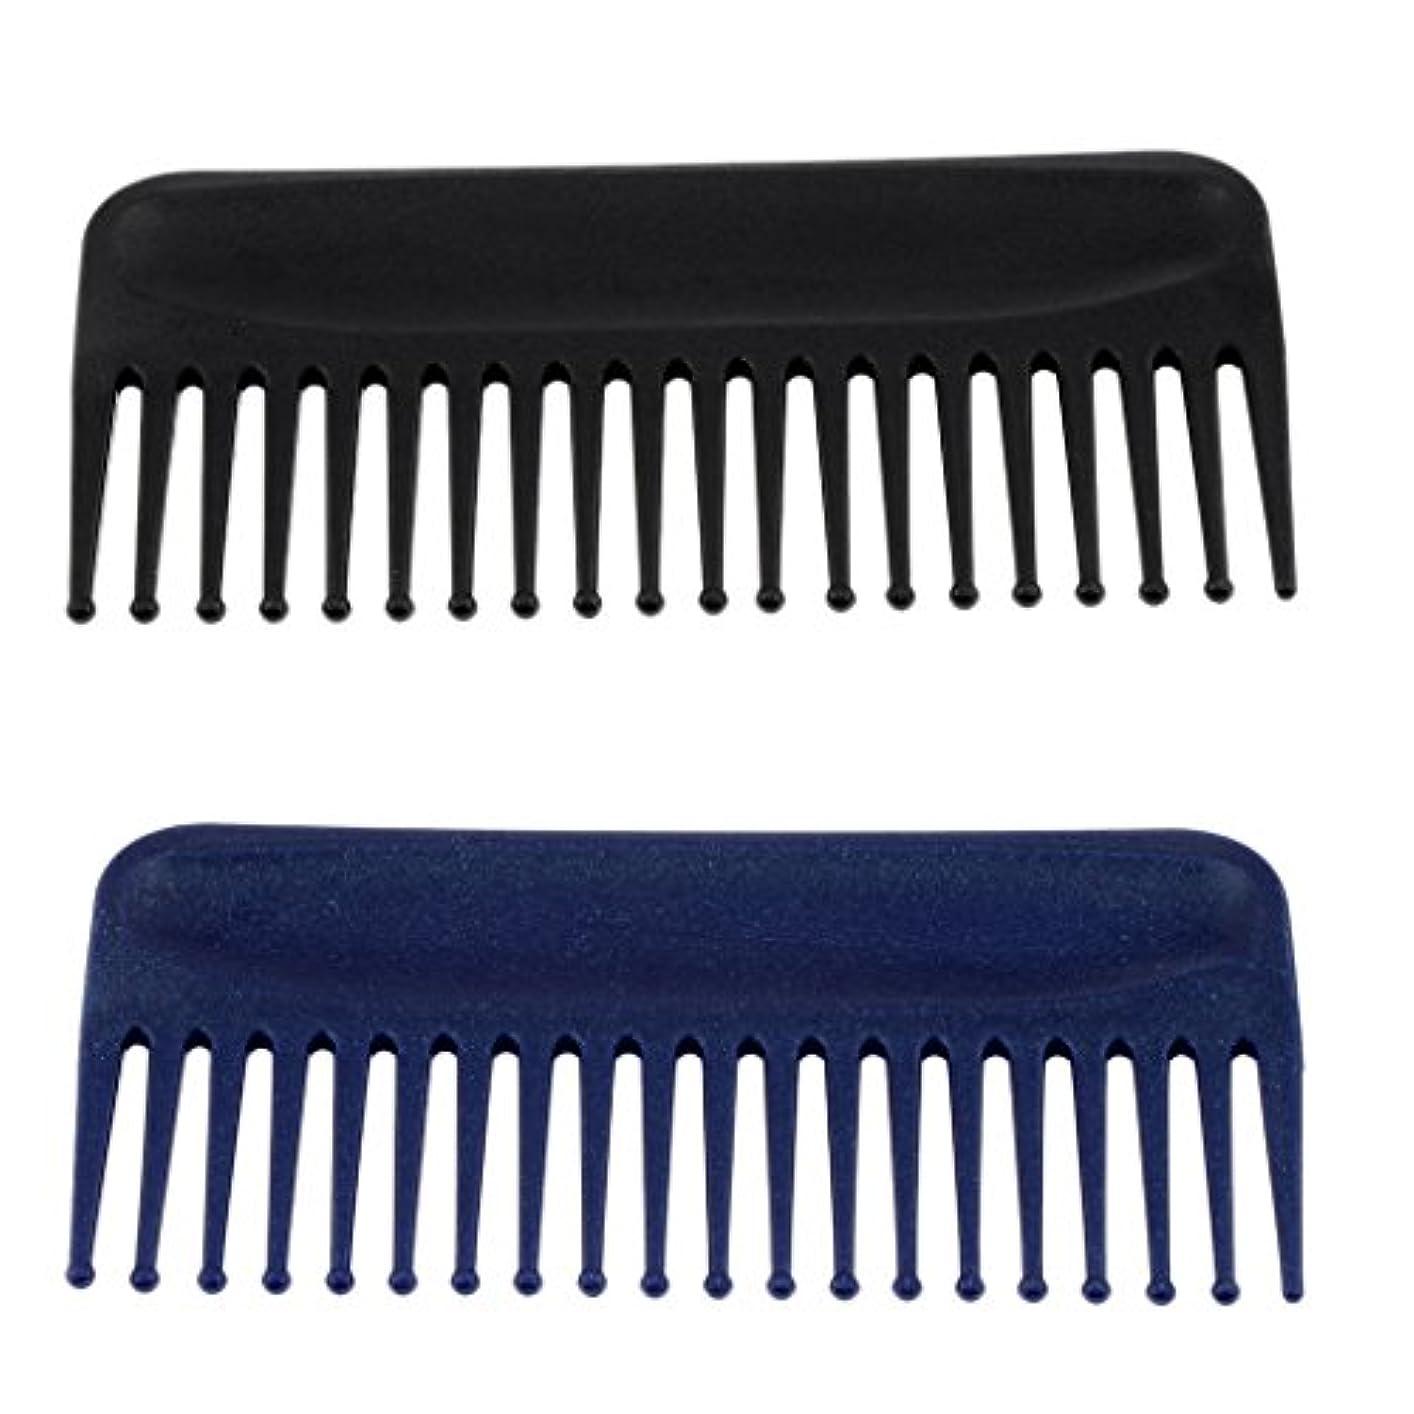 衝動きらきら必要条件Baosity ヘアコーム くし 櫛 ヘアブラシ  頭皮マッサージ 静電気防止 美髪ケア 快適 プラスチック製 2個